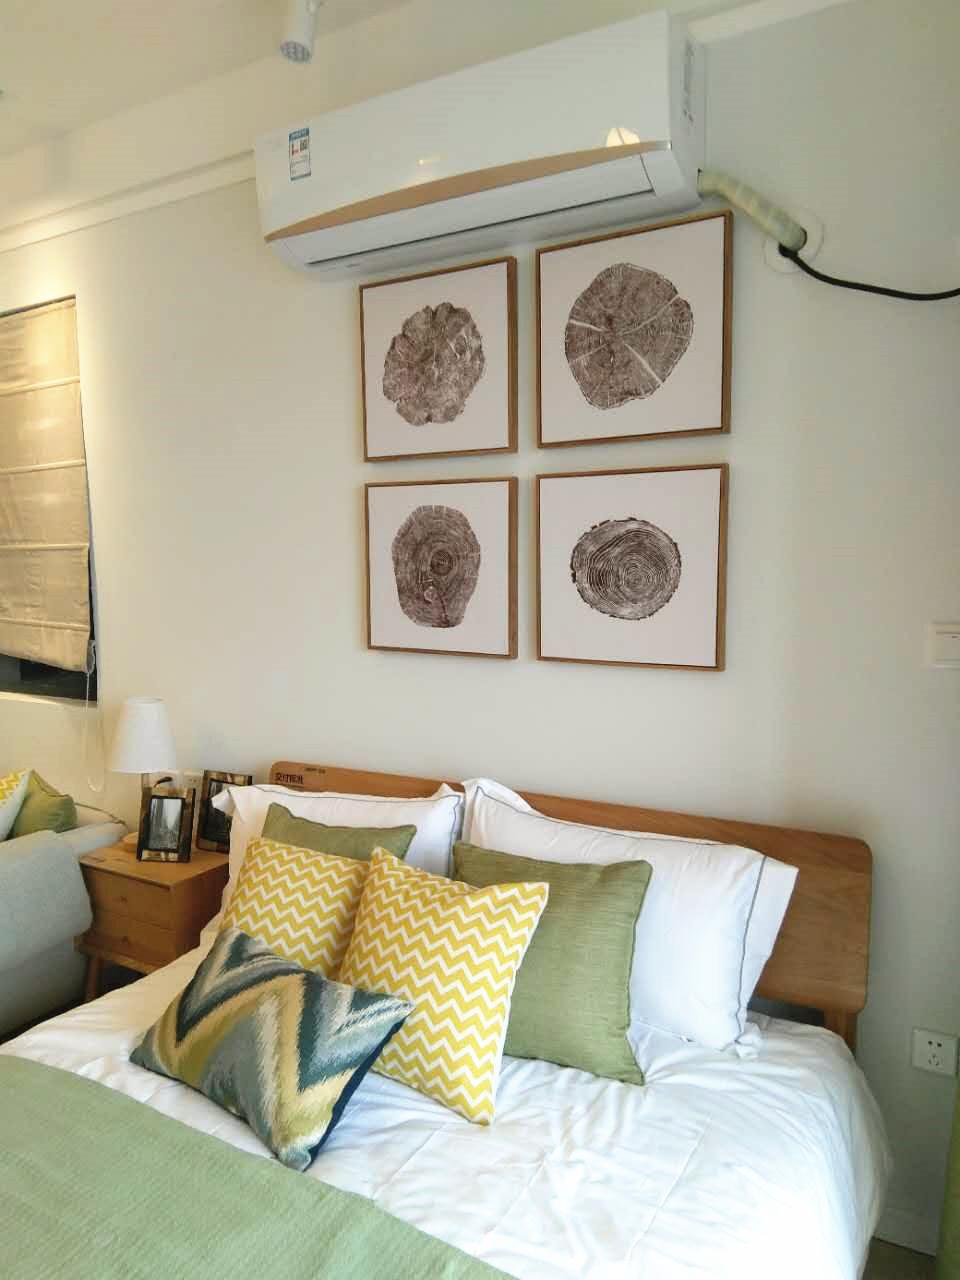 设计师借现代而随性的居家氛围表达了一种舒适自然的生活方式。